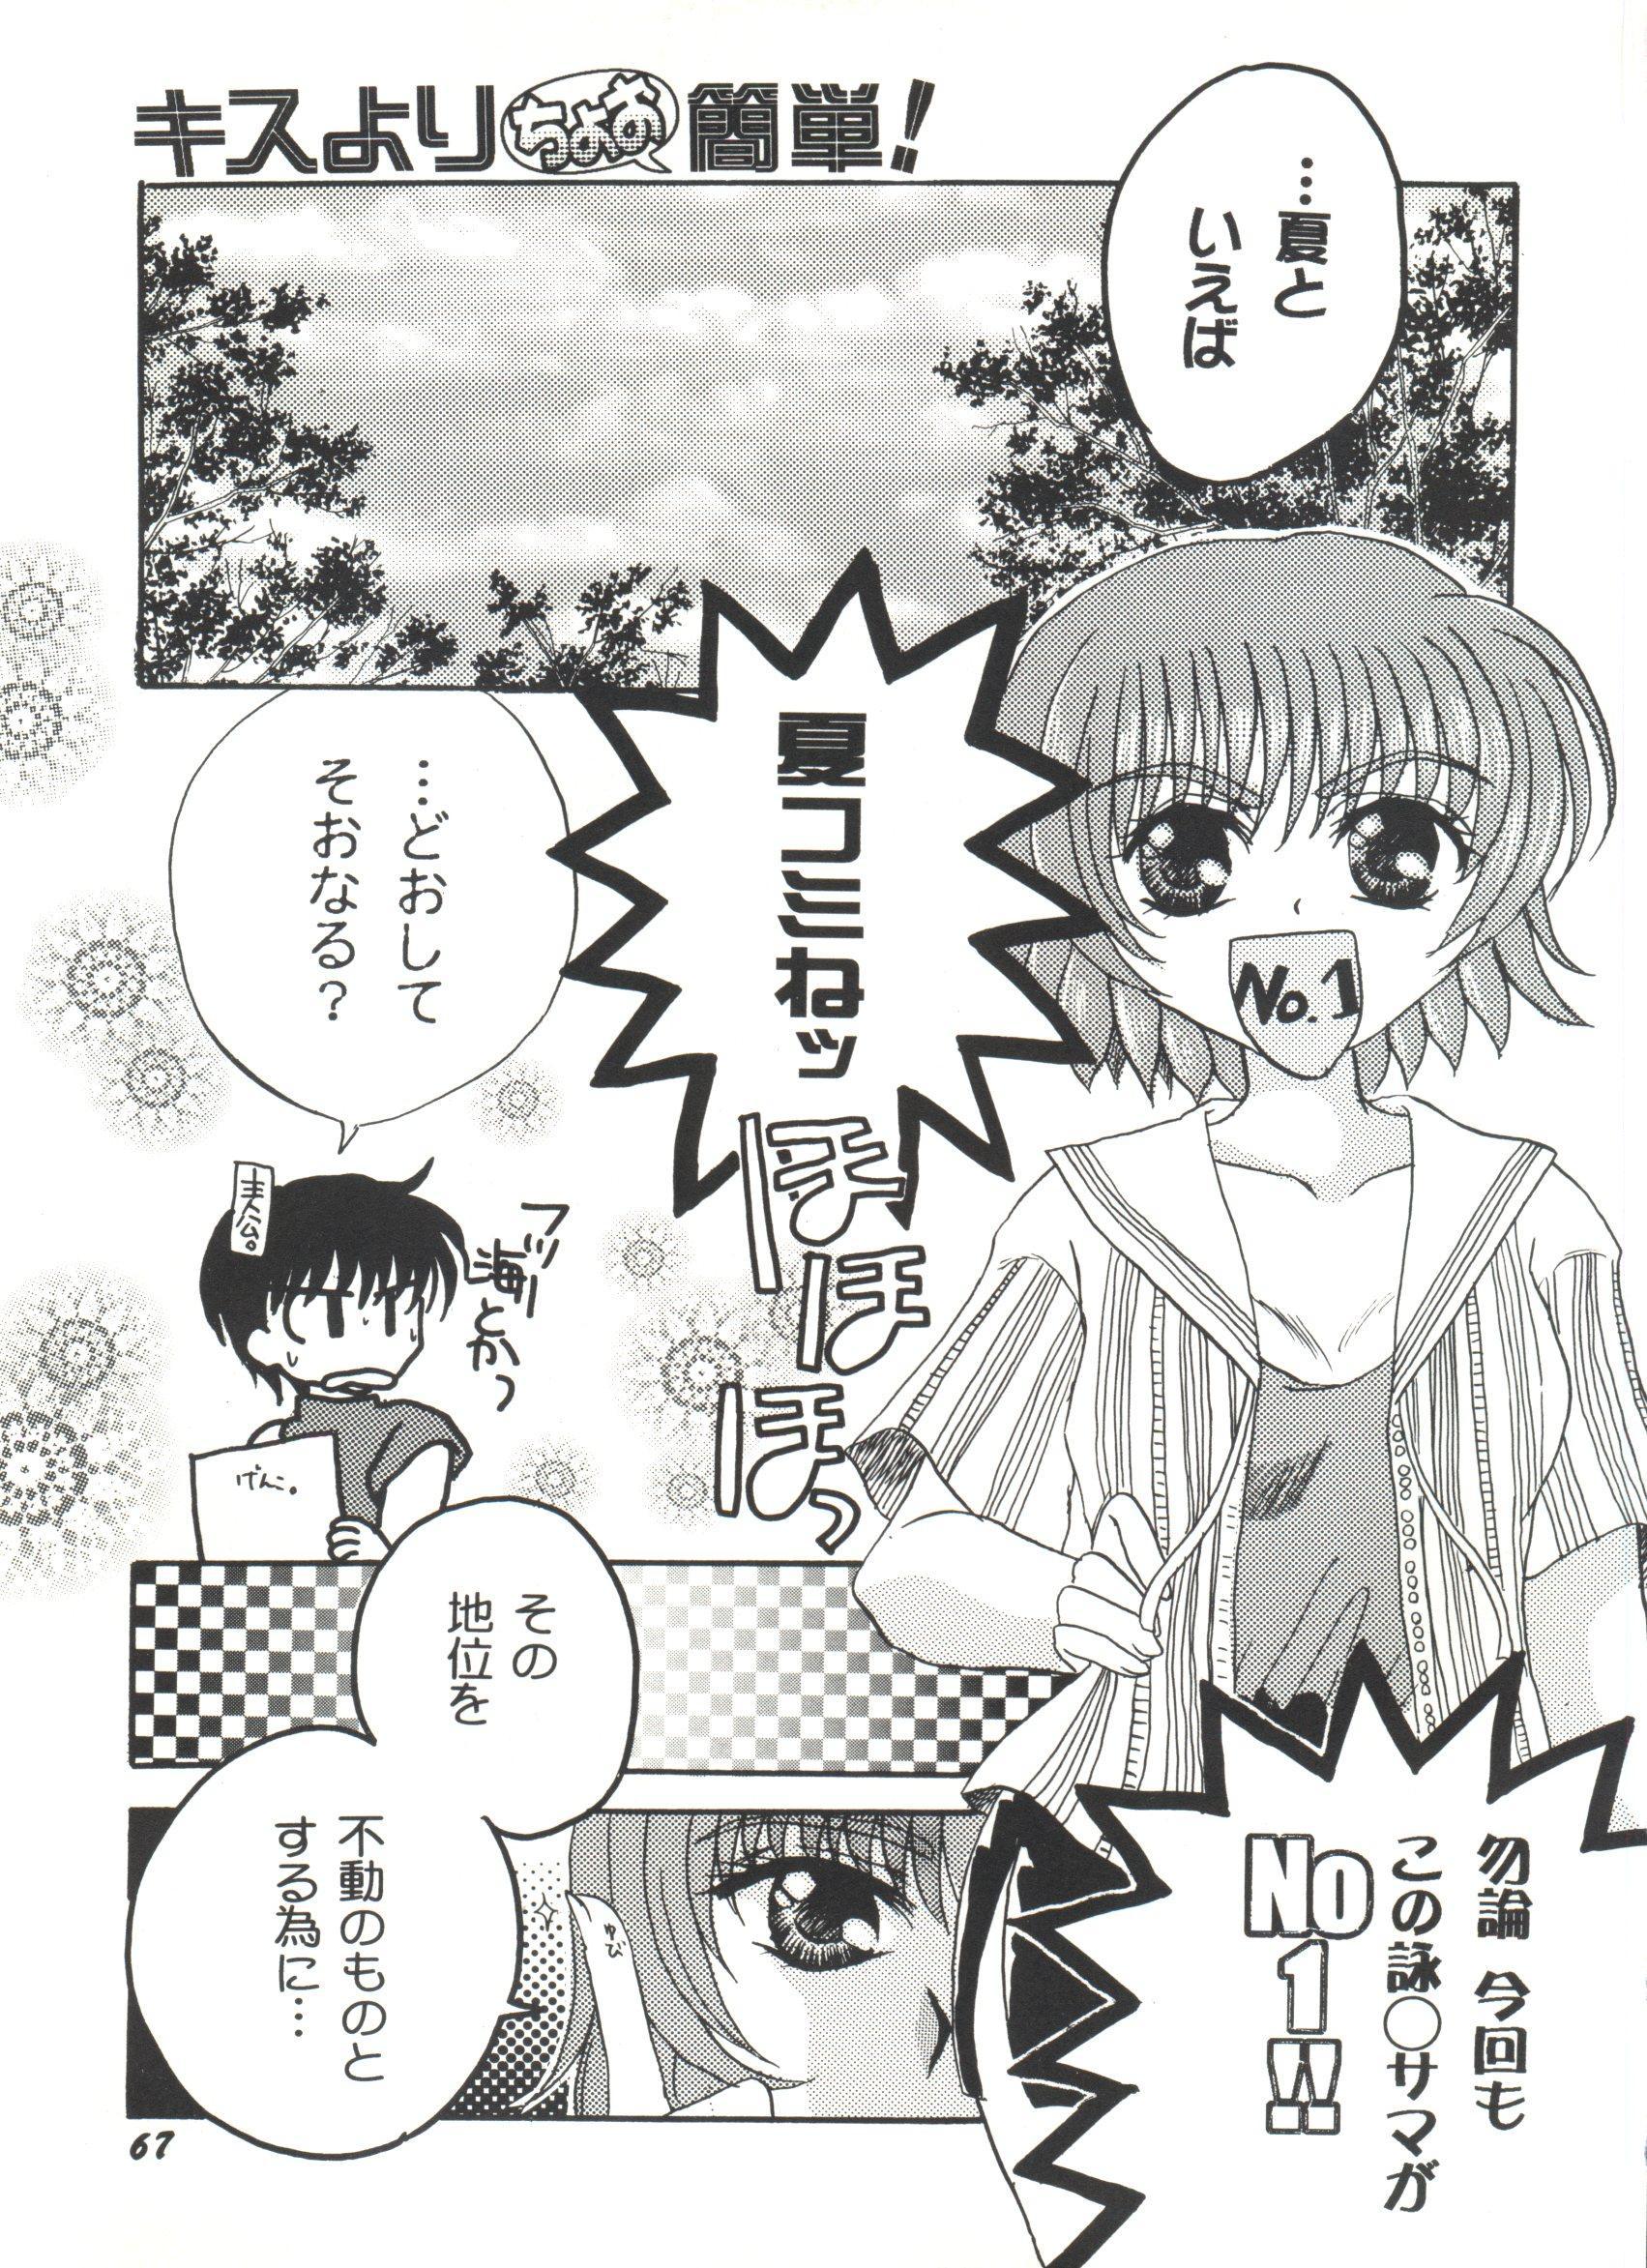 Bishoujo Doujinshi Anthology Cute 5 69